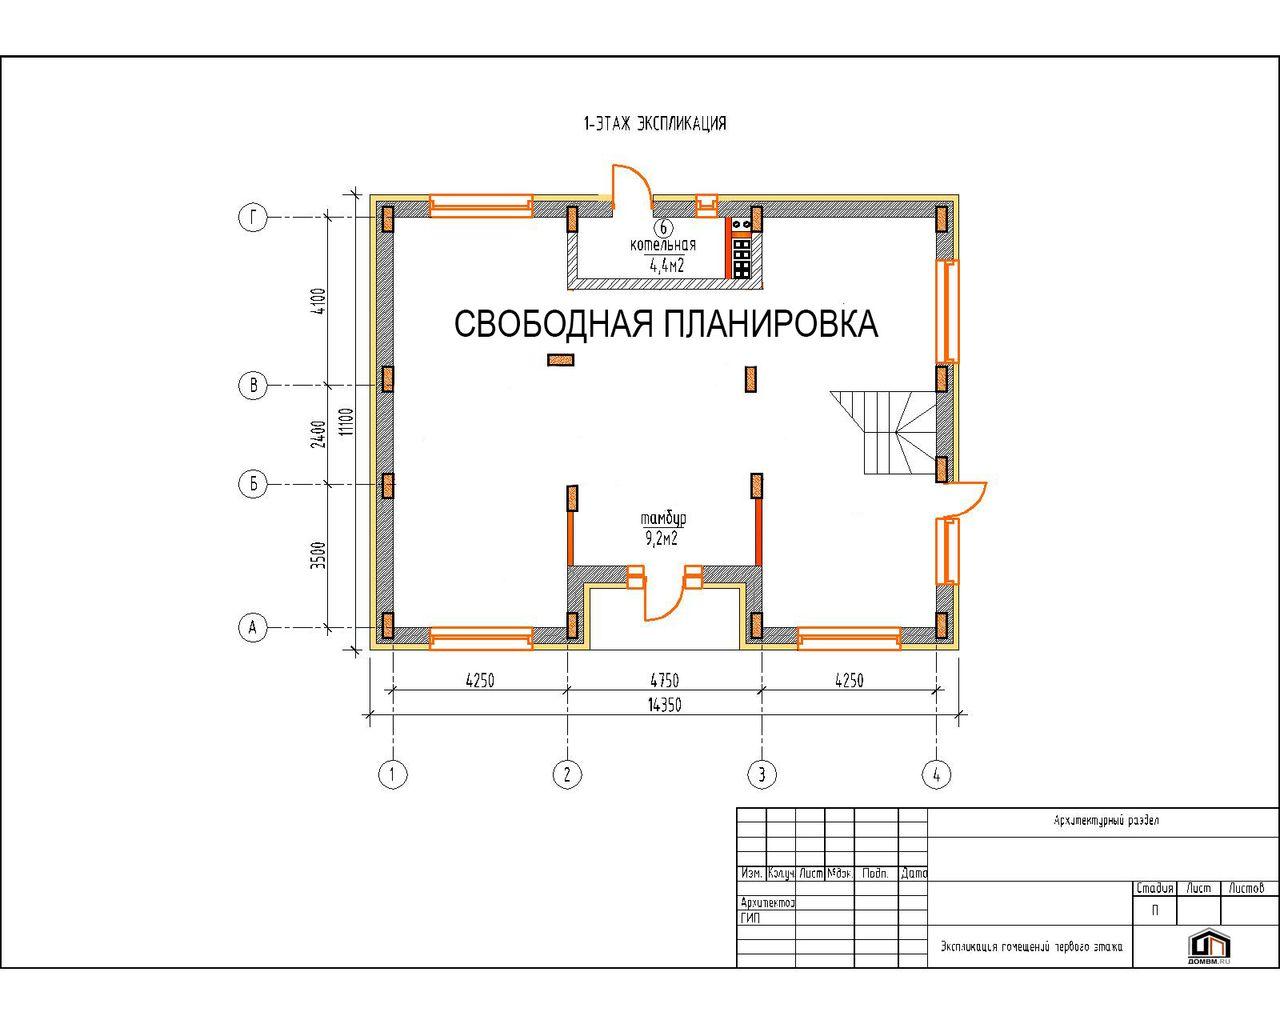 проект частного дома Бремар 1 этаж